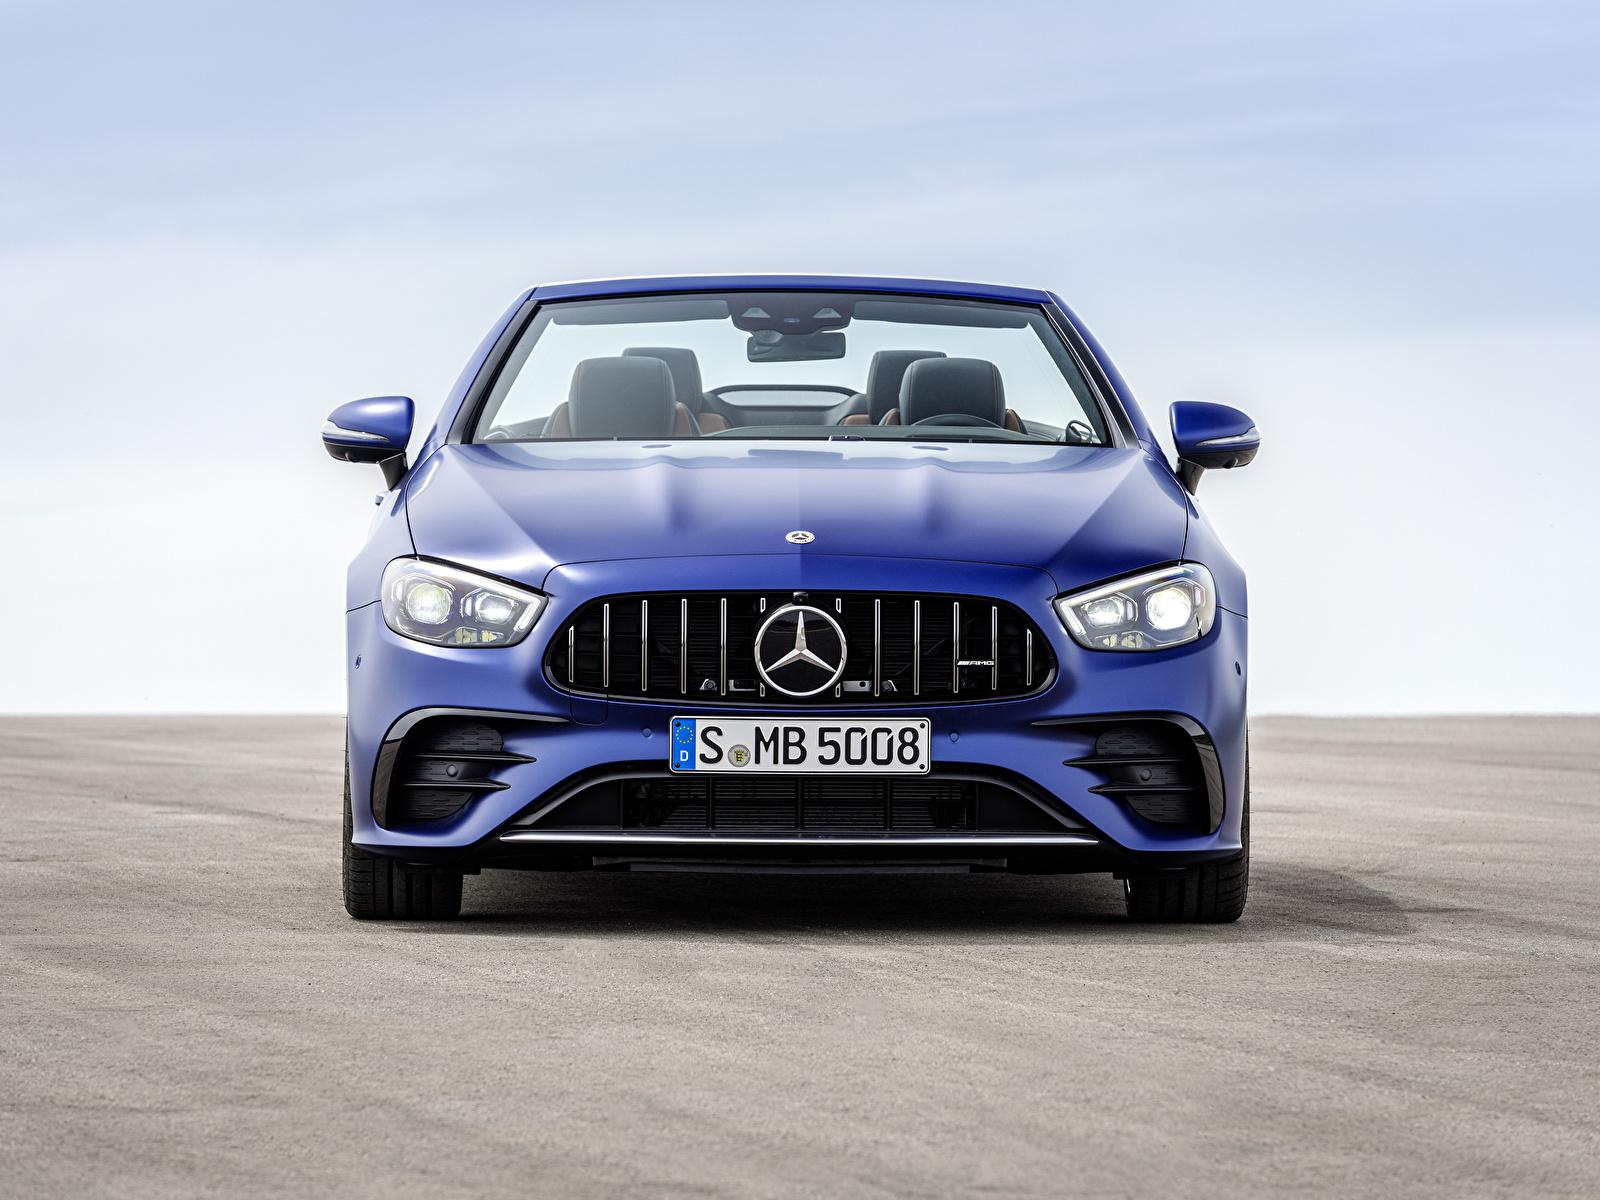 Bilder Mercedes-Benz E 53 4MATIC, Cabrio Worldwide, A238, 2020 Cabriolet Blau auto Vorne Metallisch 1600x1200 Autos automobil